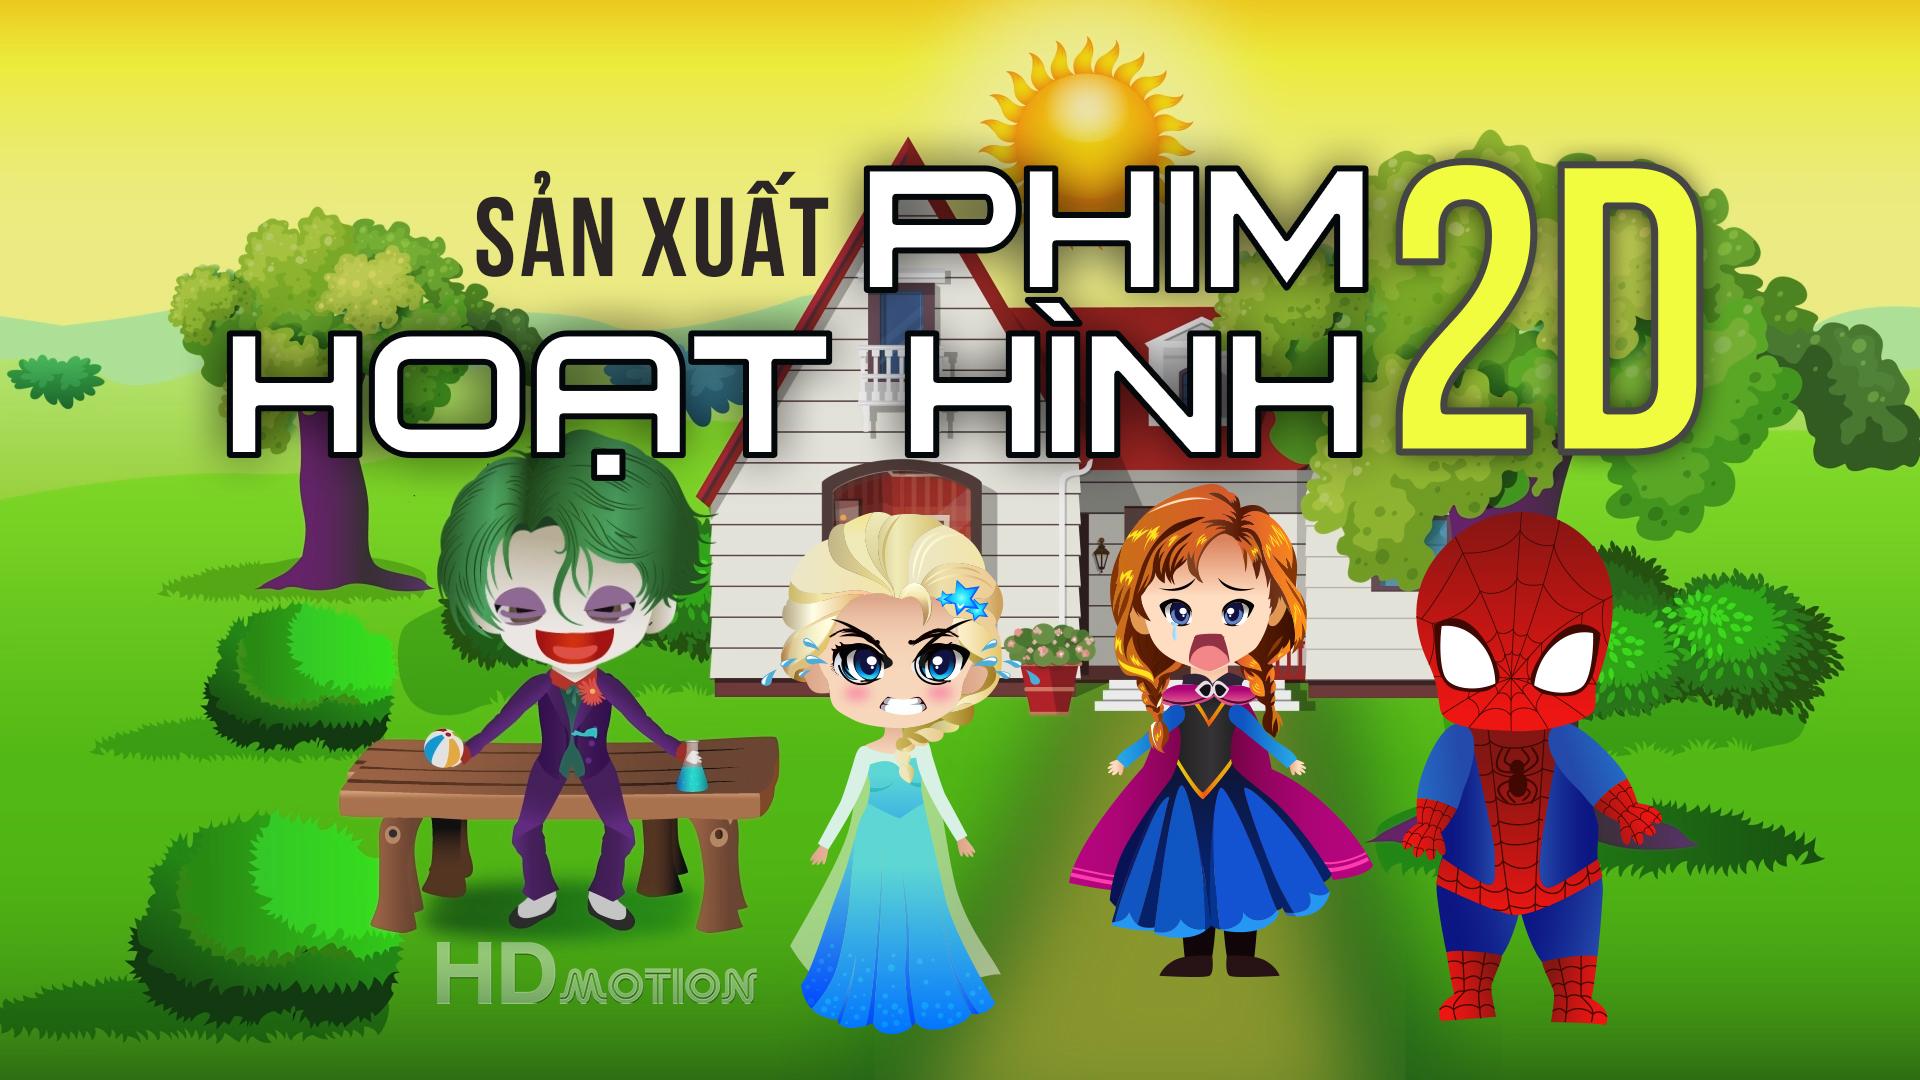 Liên hệ dịch vụ sản xuất phim hoạt hình 2d chuyên nghiệp